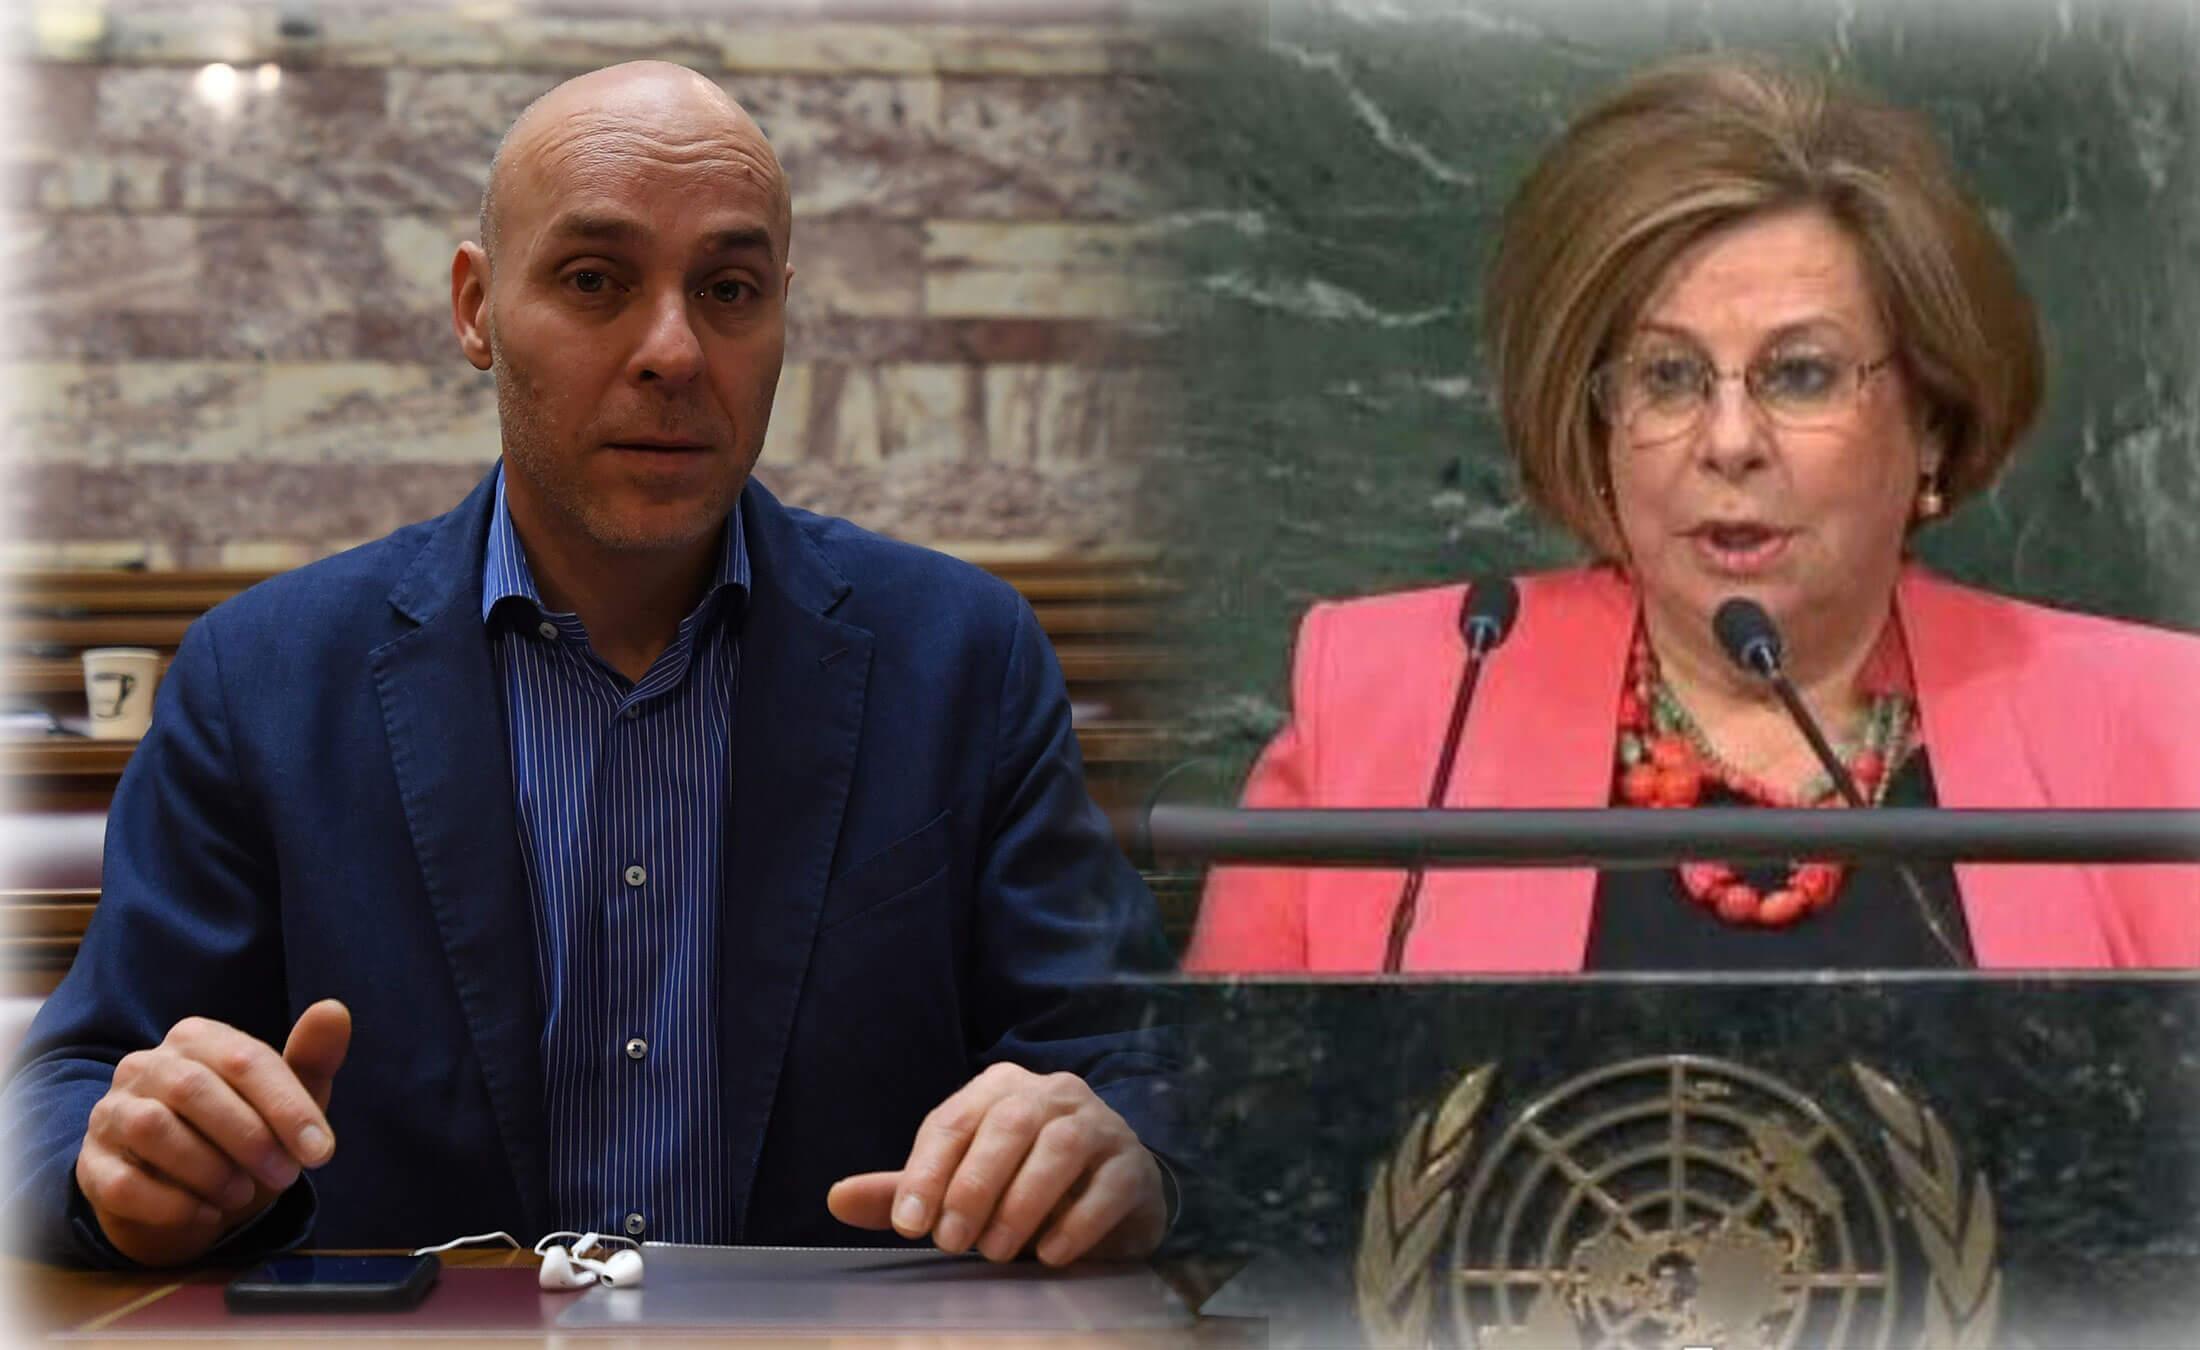 Γιώργος Αμυράς και Τέτα Διαμαντοπούλου στο ευρωψηφοδέλτιο της ΝΔ - Ψάχνουν... ακόμη μια γυναίκα